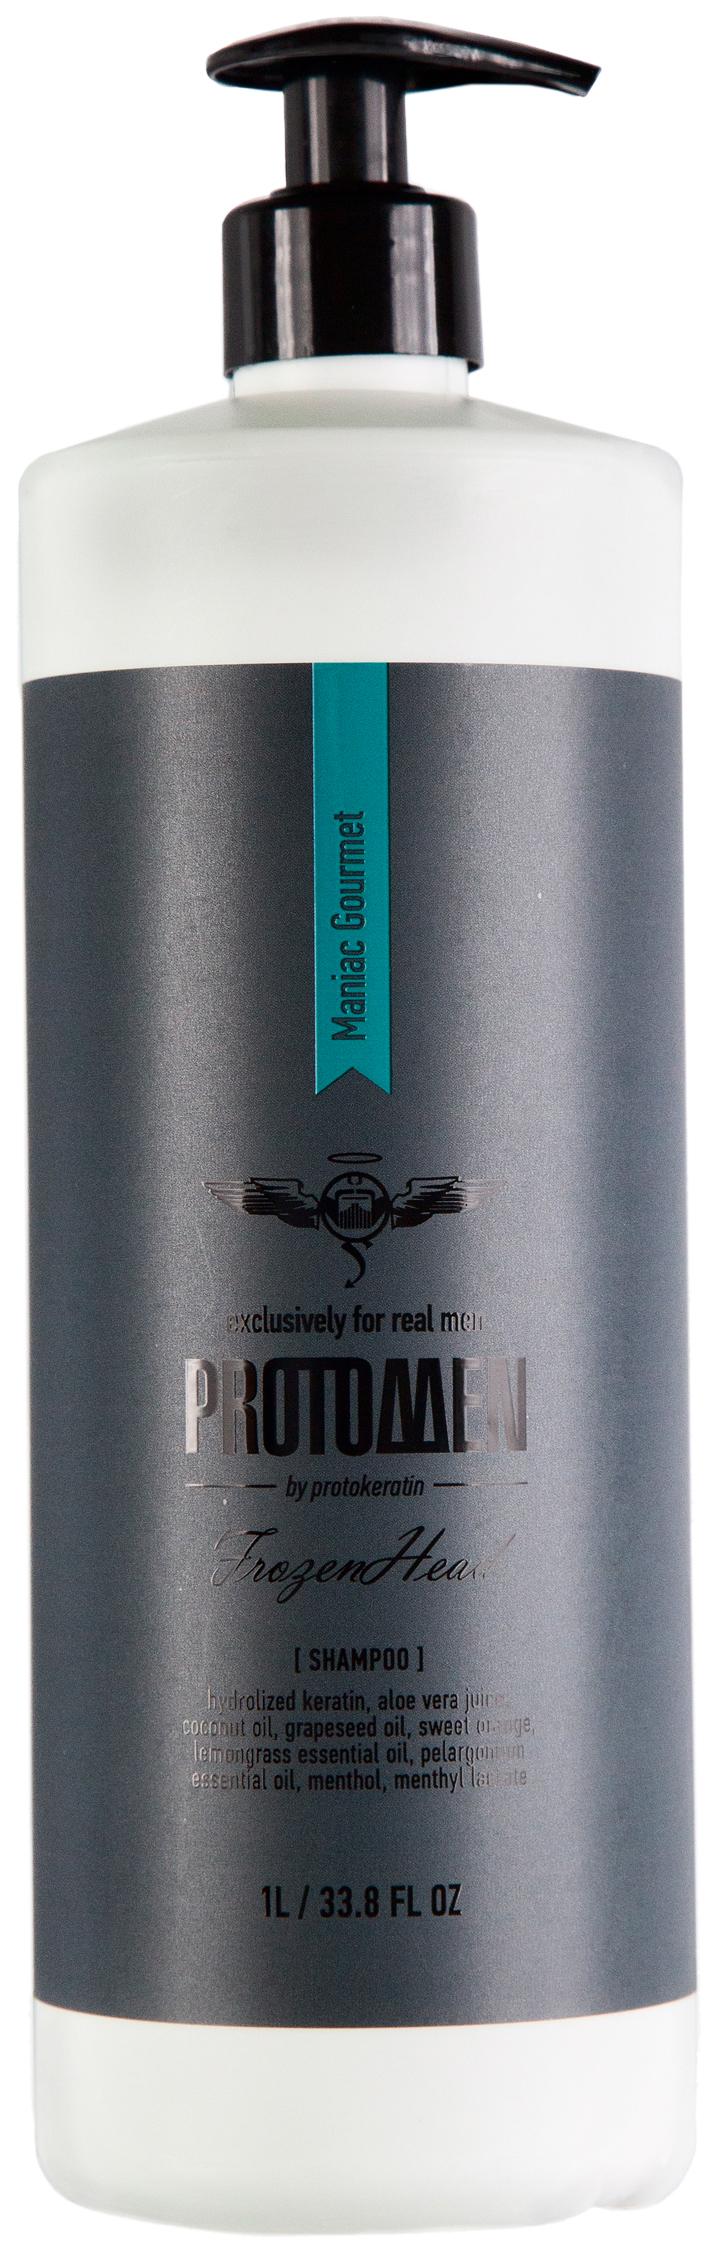 Купить Мужской крио-шампунь PROTOKERATIN для душа FROZENHEAD, 1000 мл